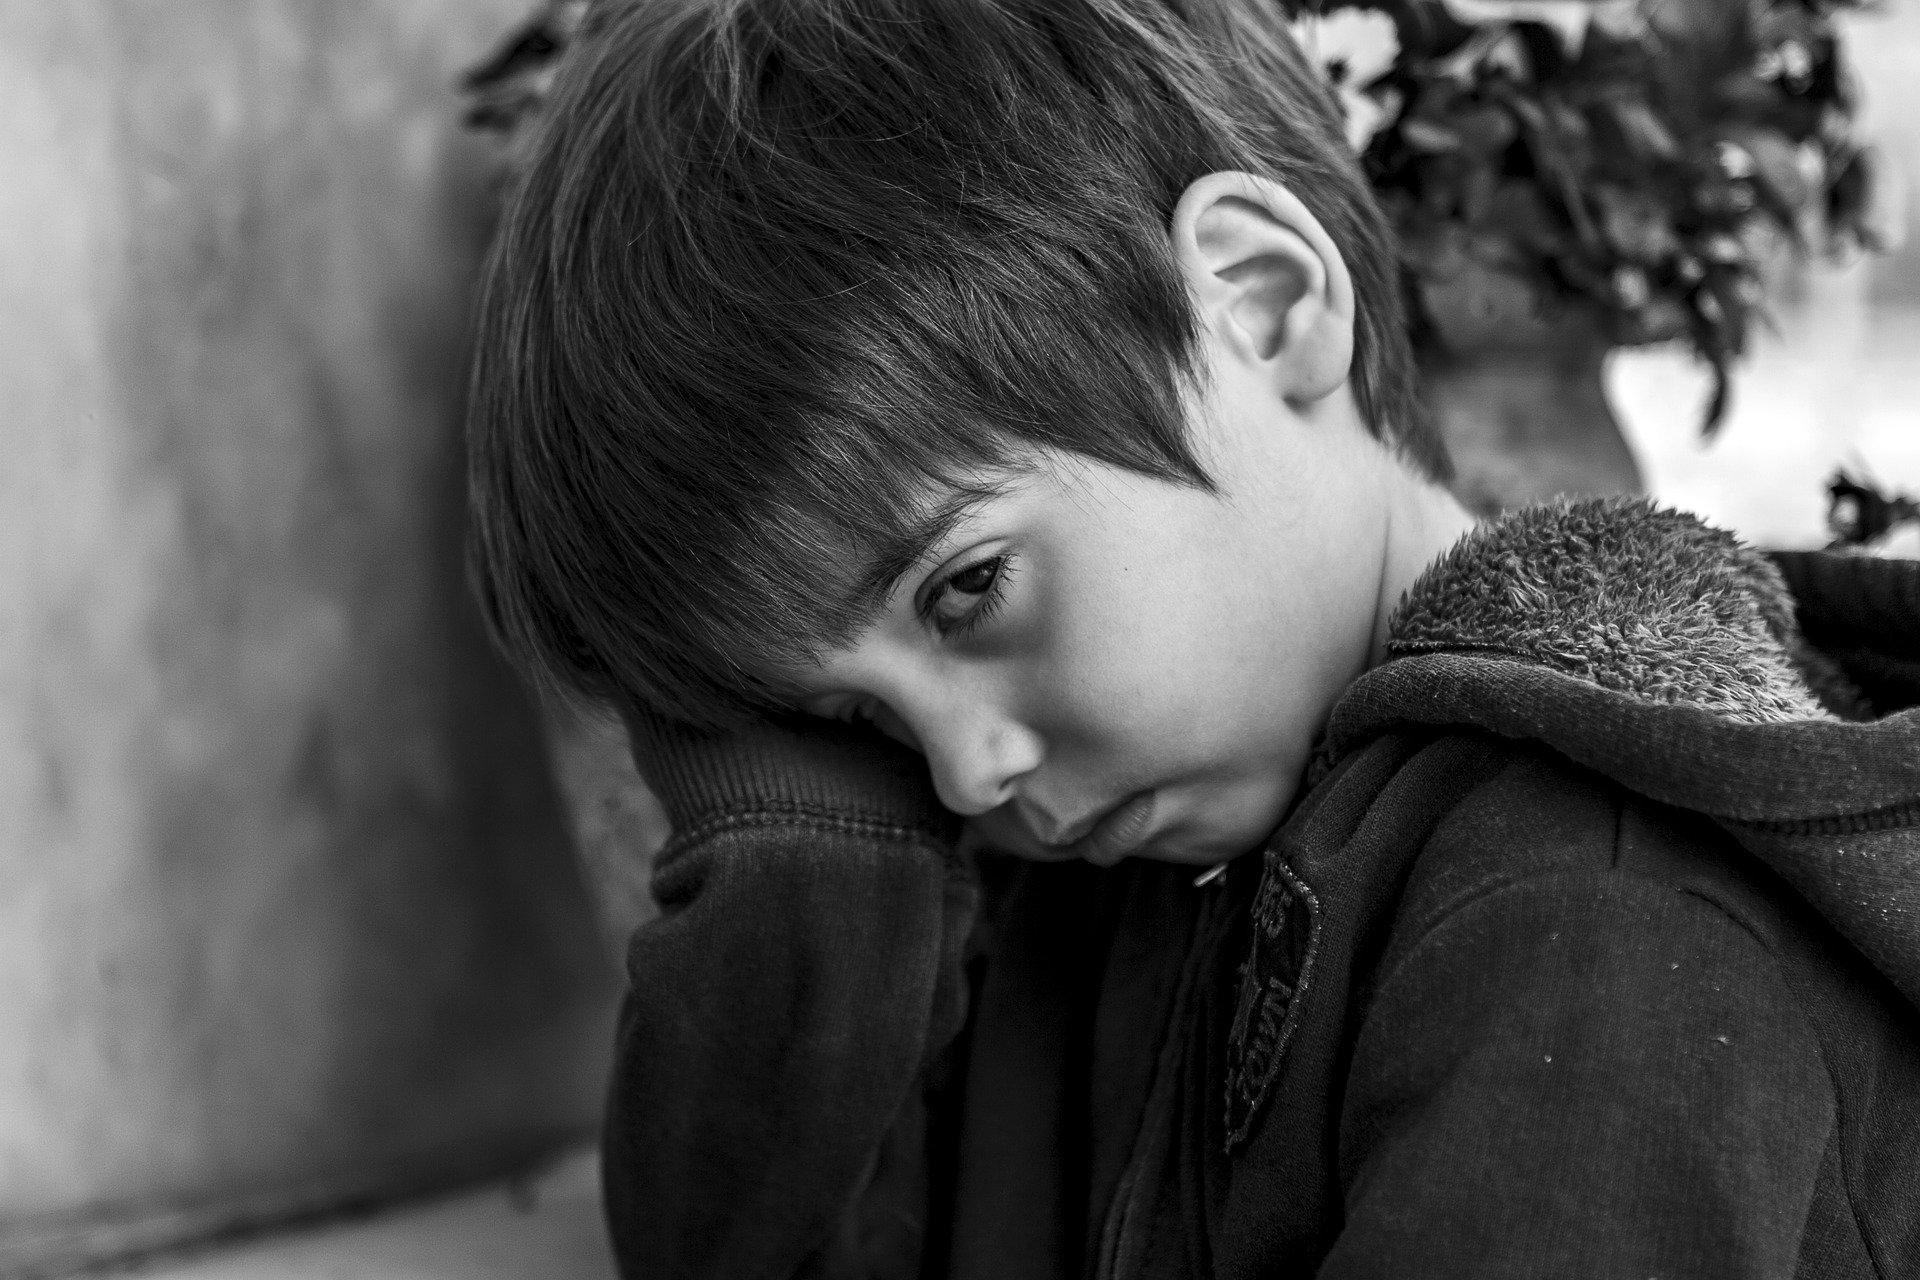 Boy sad against a wall